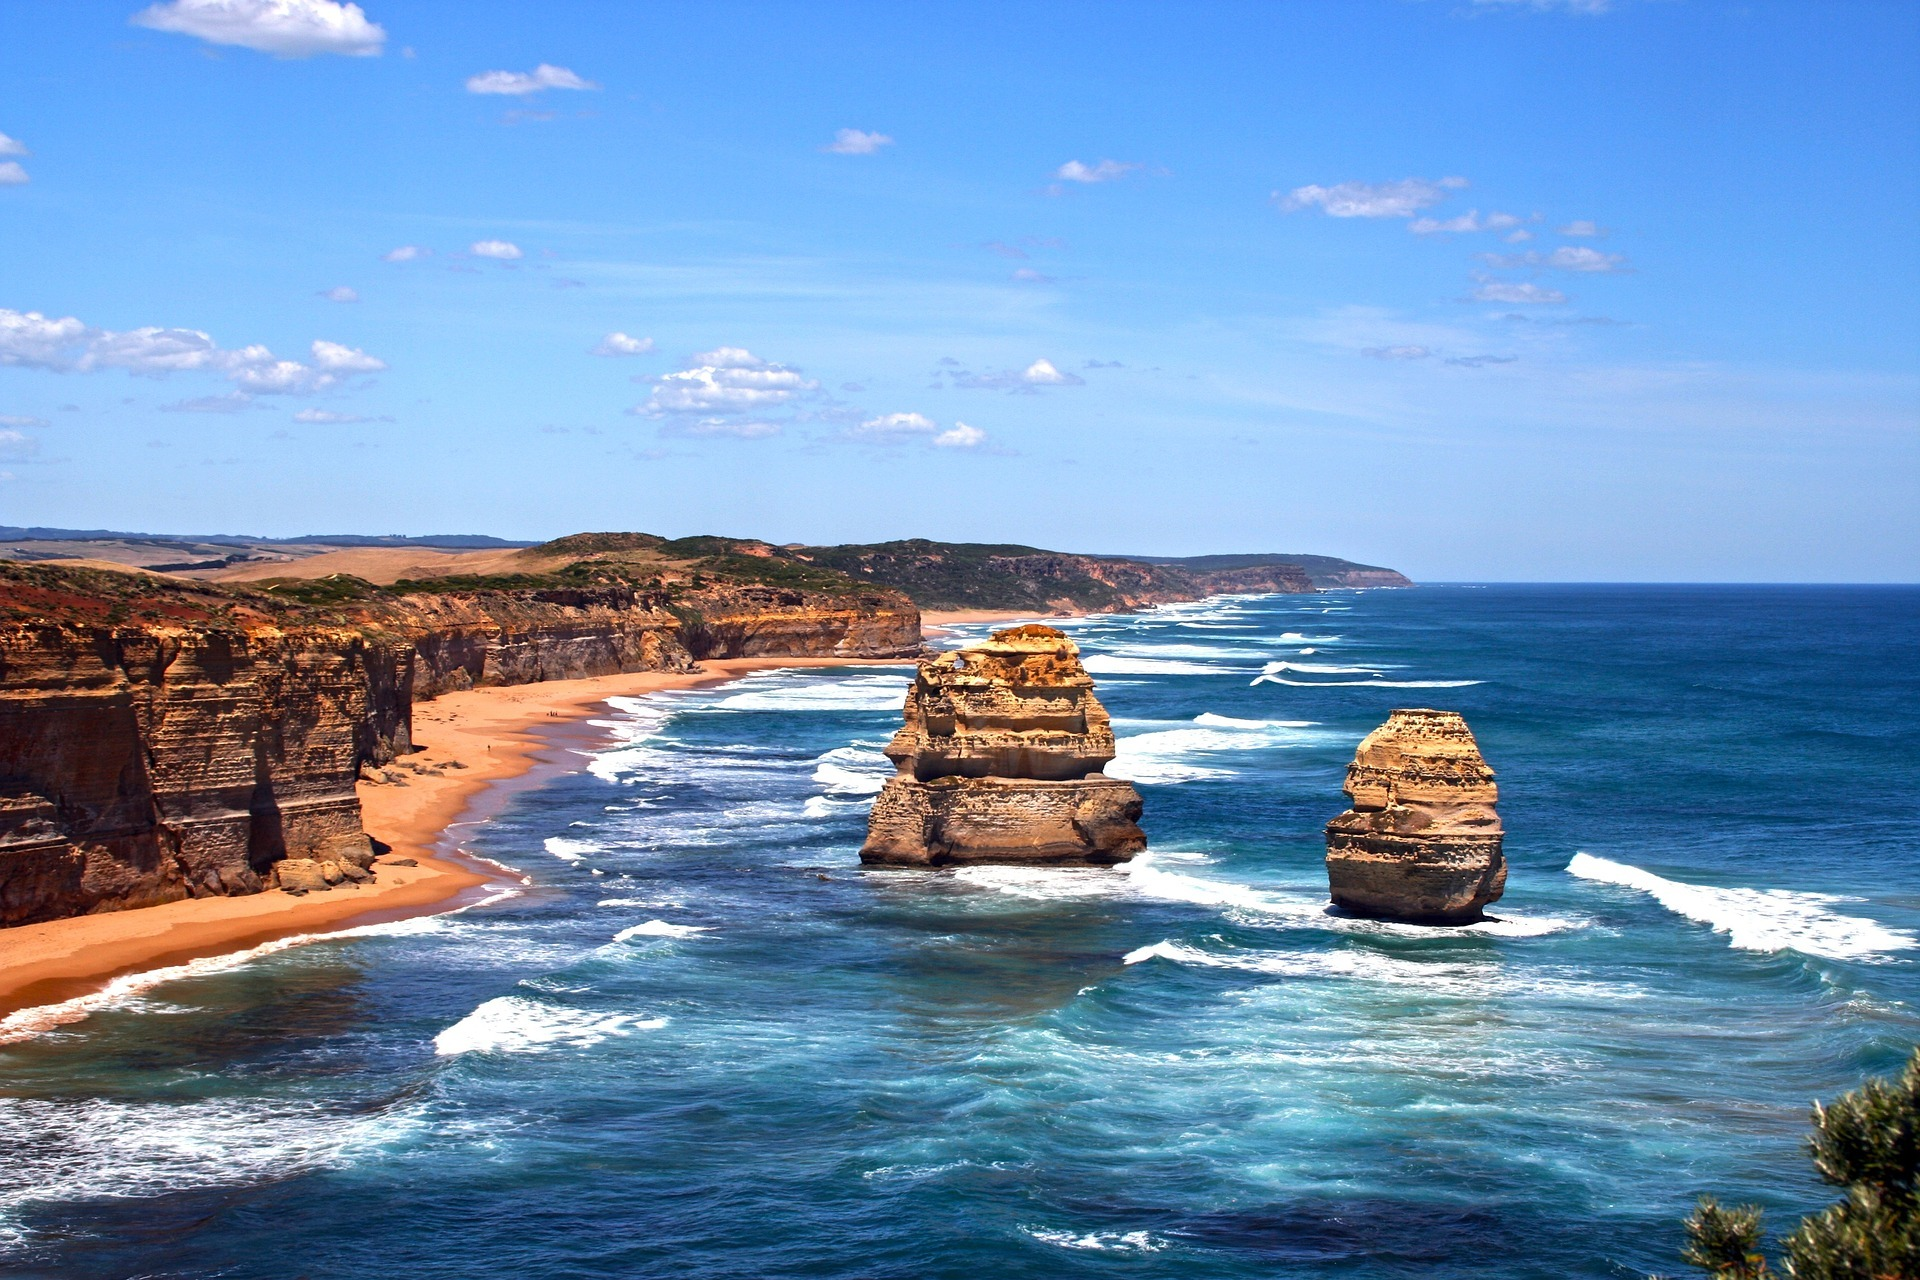 Tanie serwisy randkowe Australia